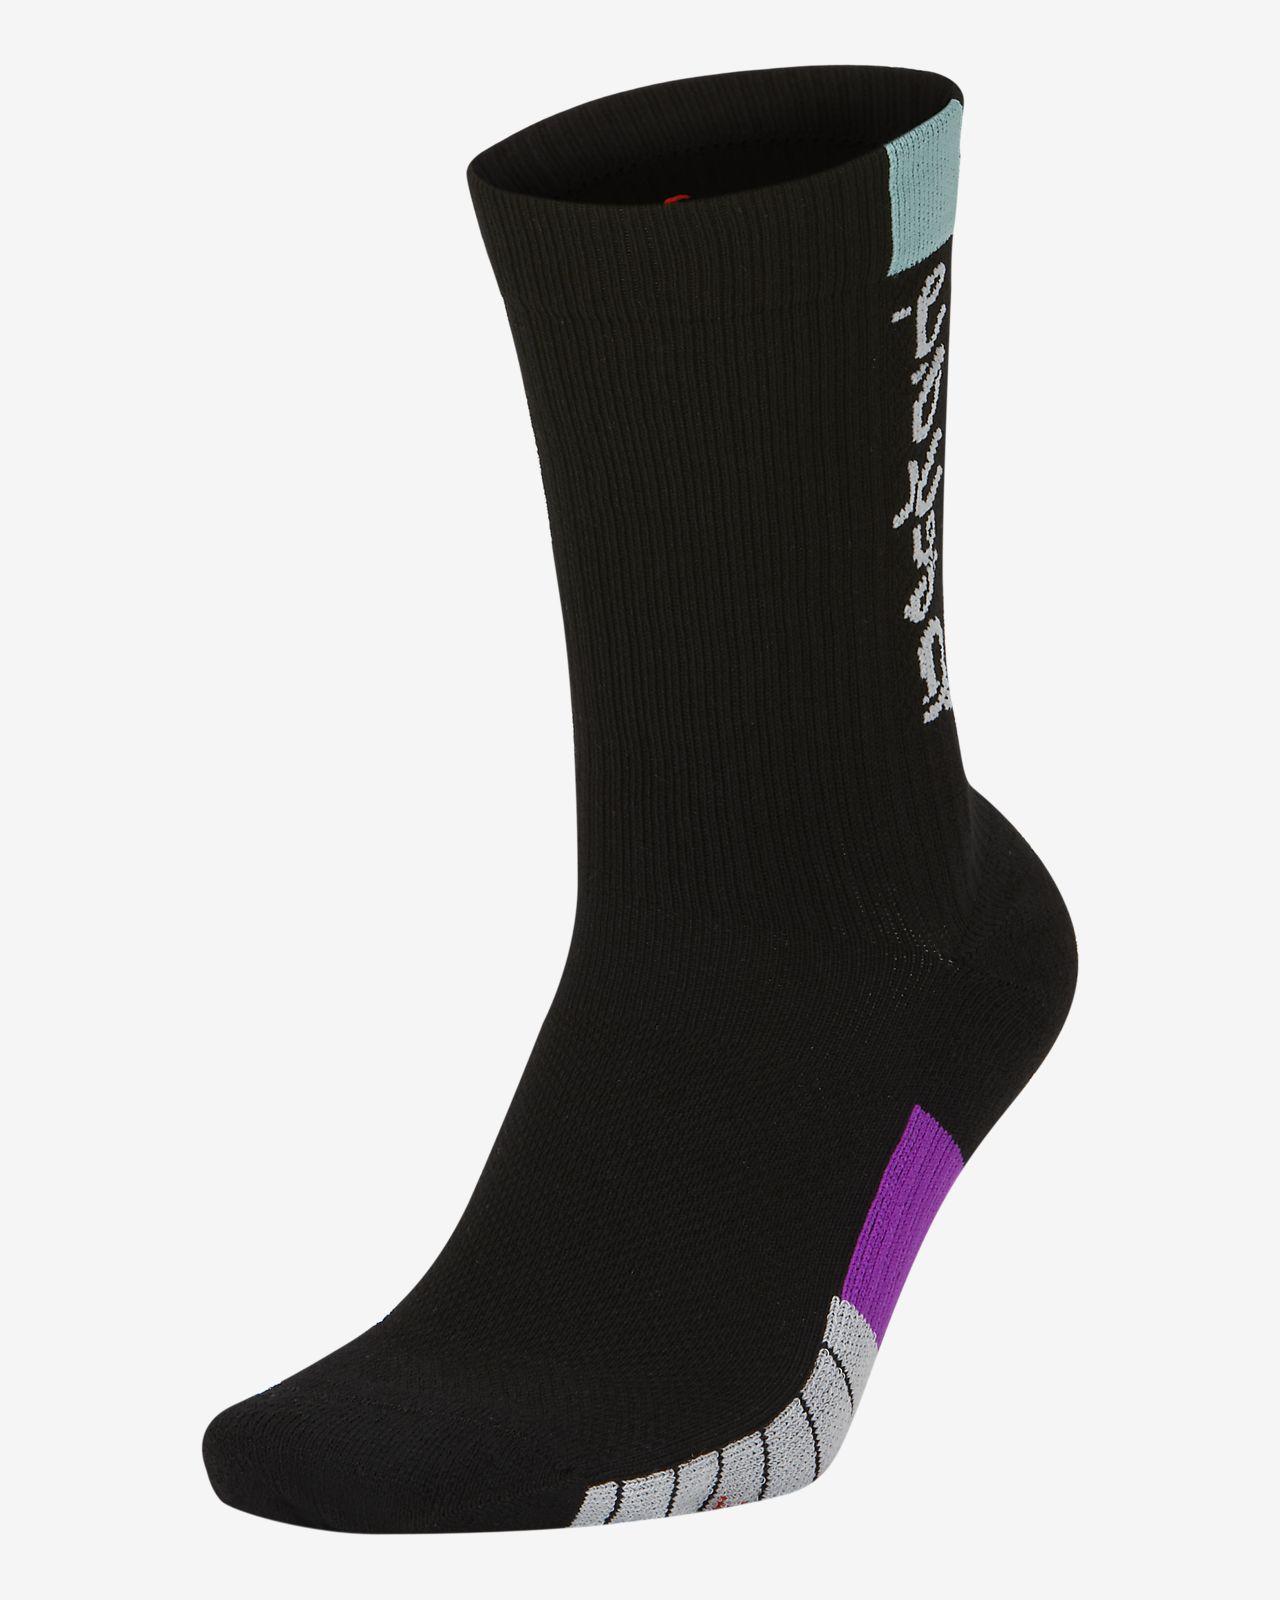 Nike Multiplier Marathon Crew Socks